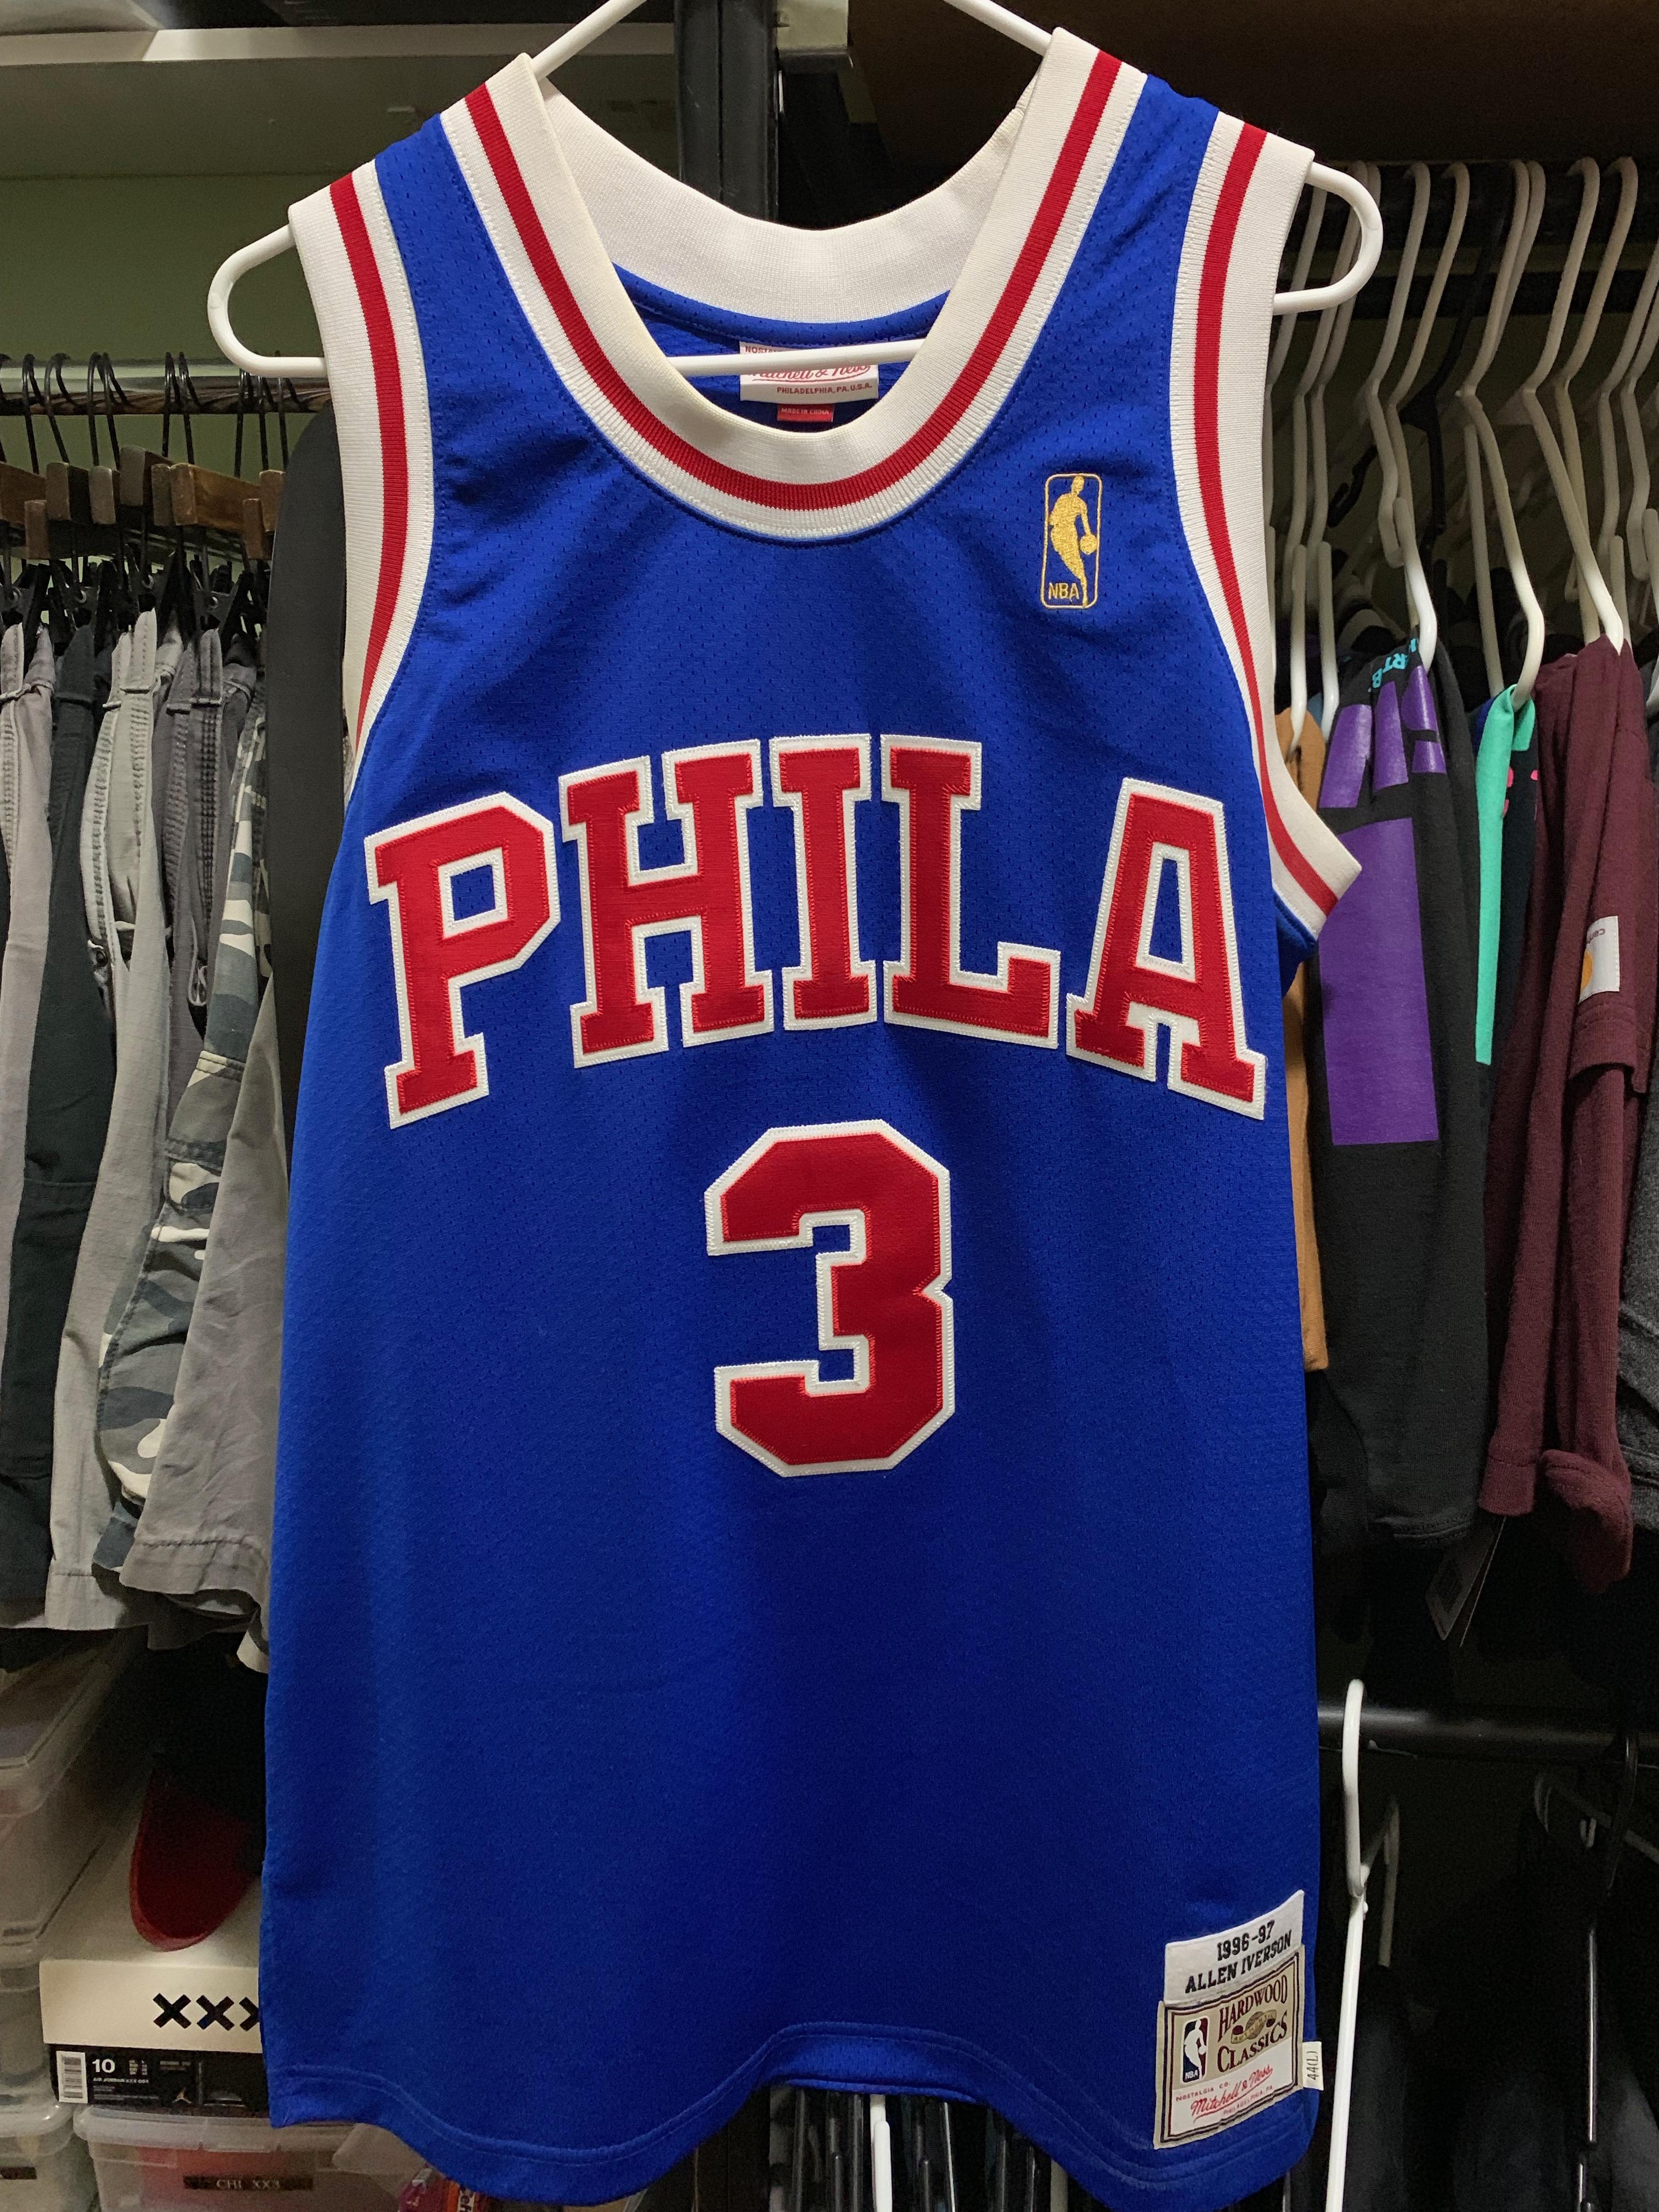 wholesale dealer 4b535 e1676 M&N Authentic Allen Iverson Phila jersey L 44